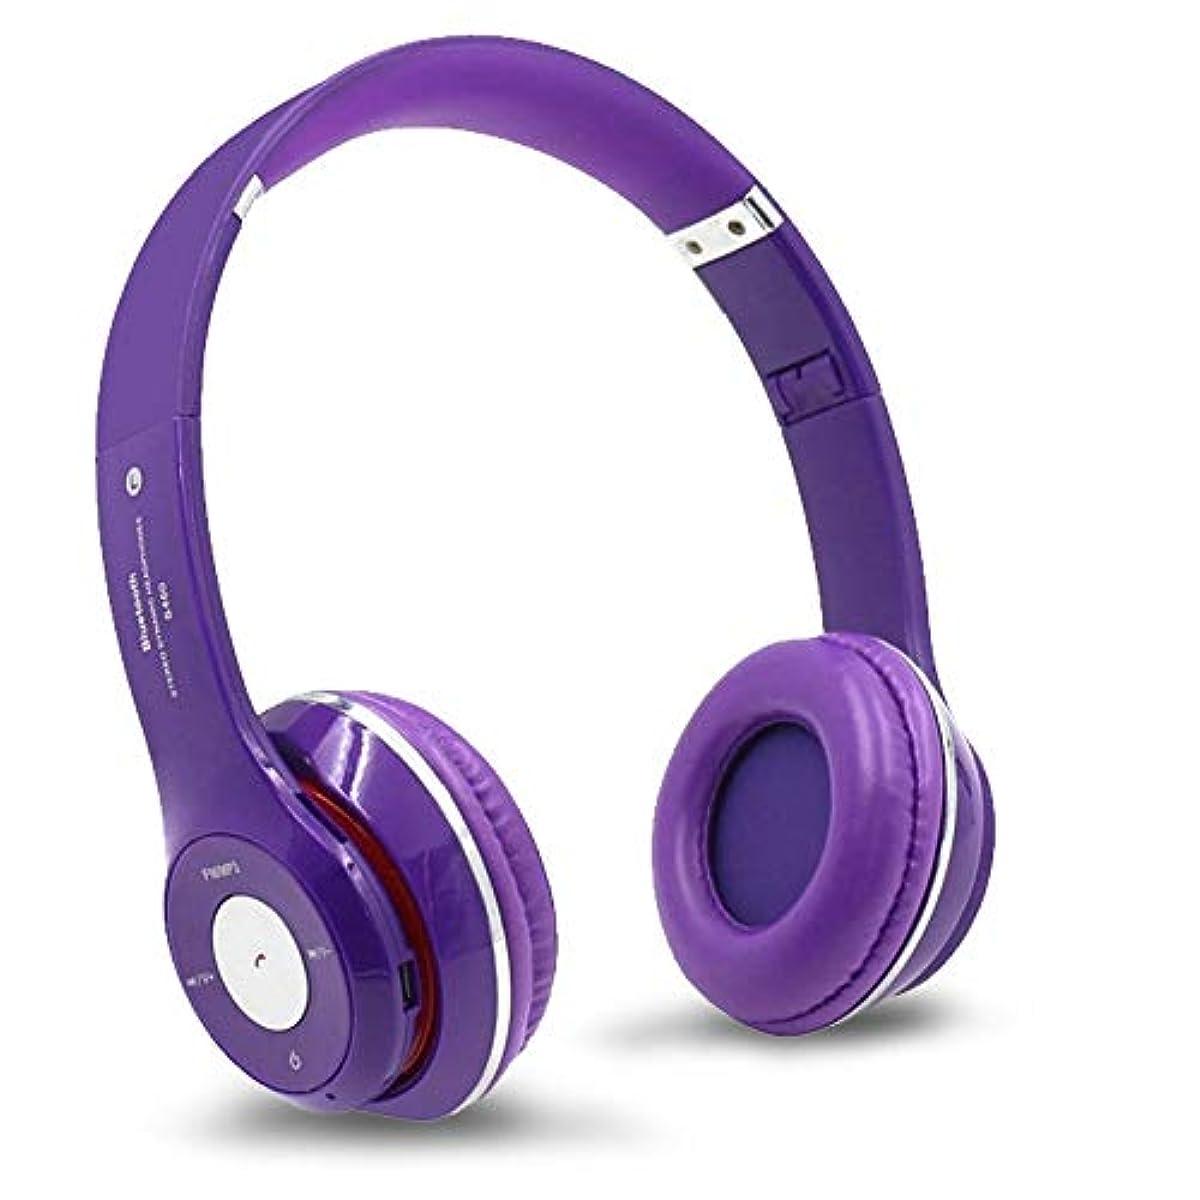 [해외] OUGUAN 밀폐형 무선 wireless 헤드폰 건이 테이블형 BLUETOOTH 헤드폰 3.5MM단자 오디오 유선 헤드셋 무선과 유선 양용자